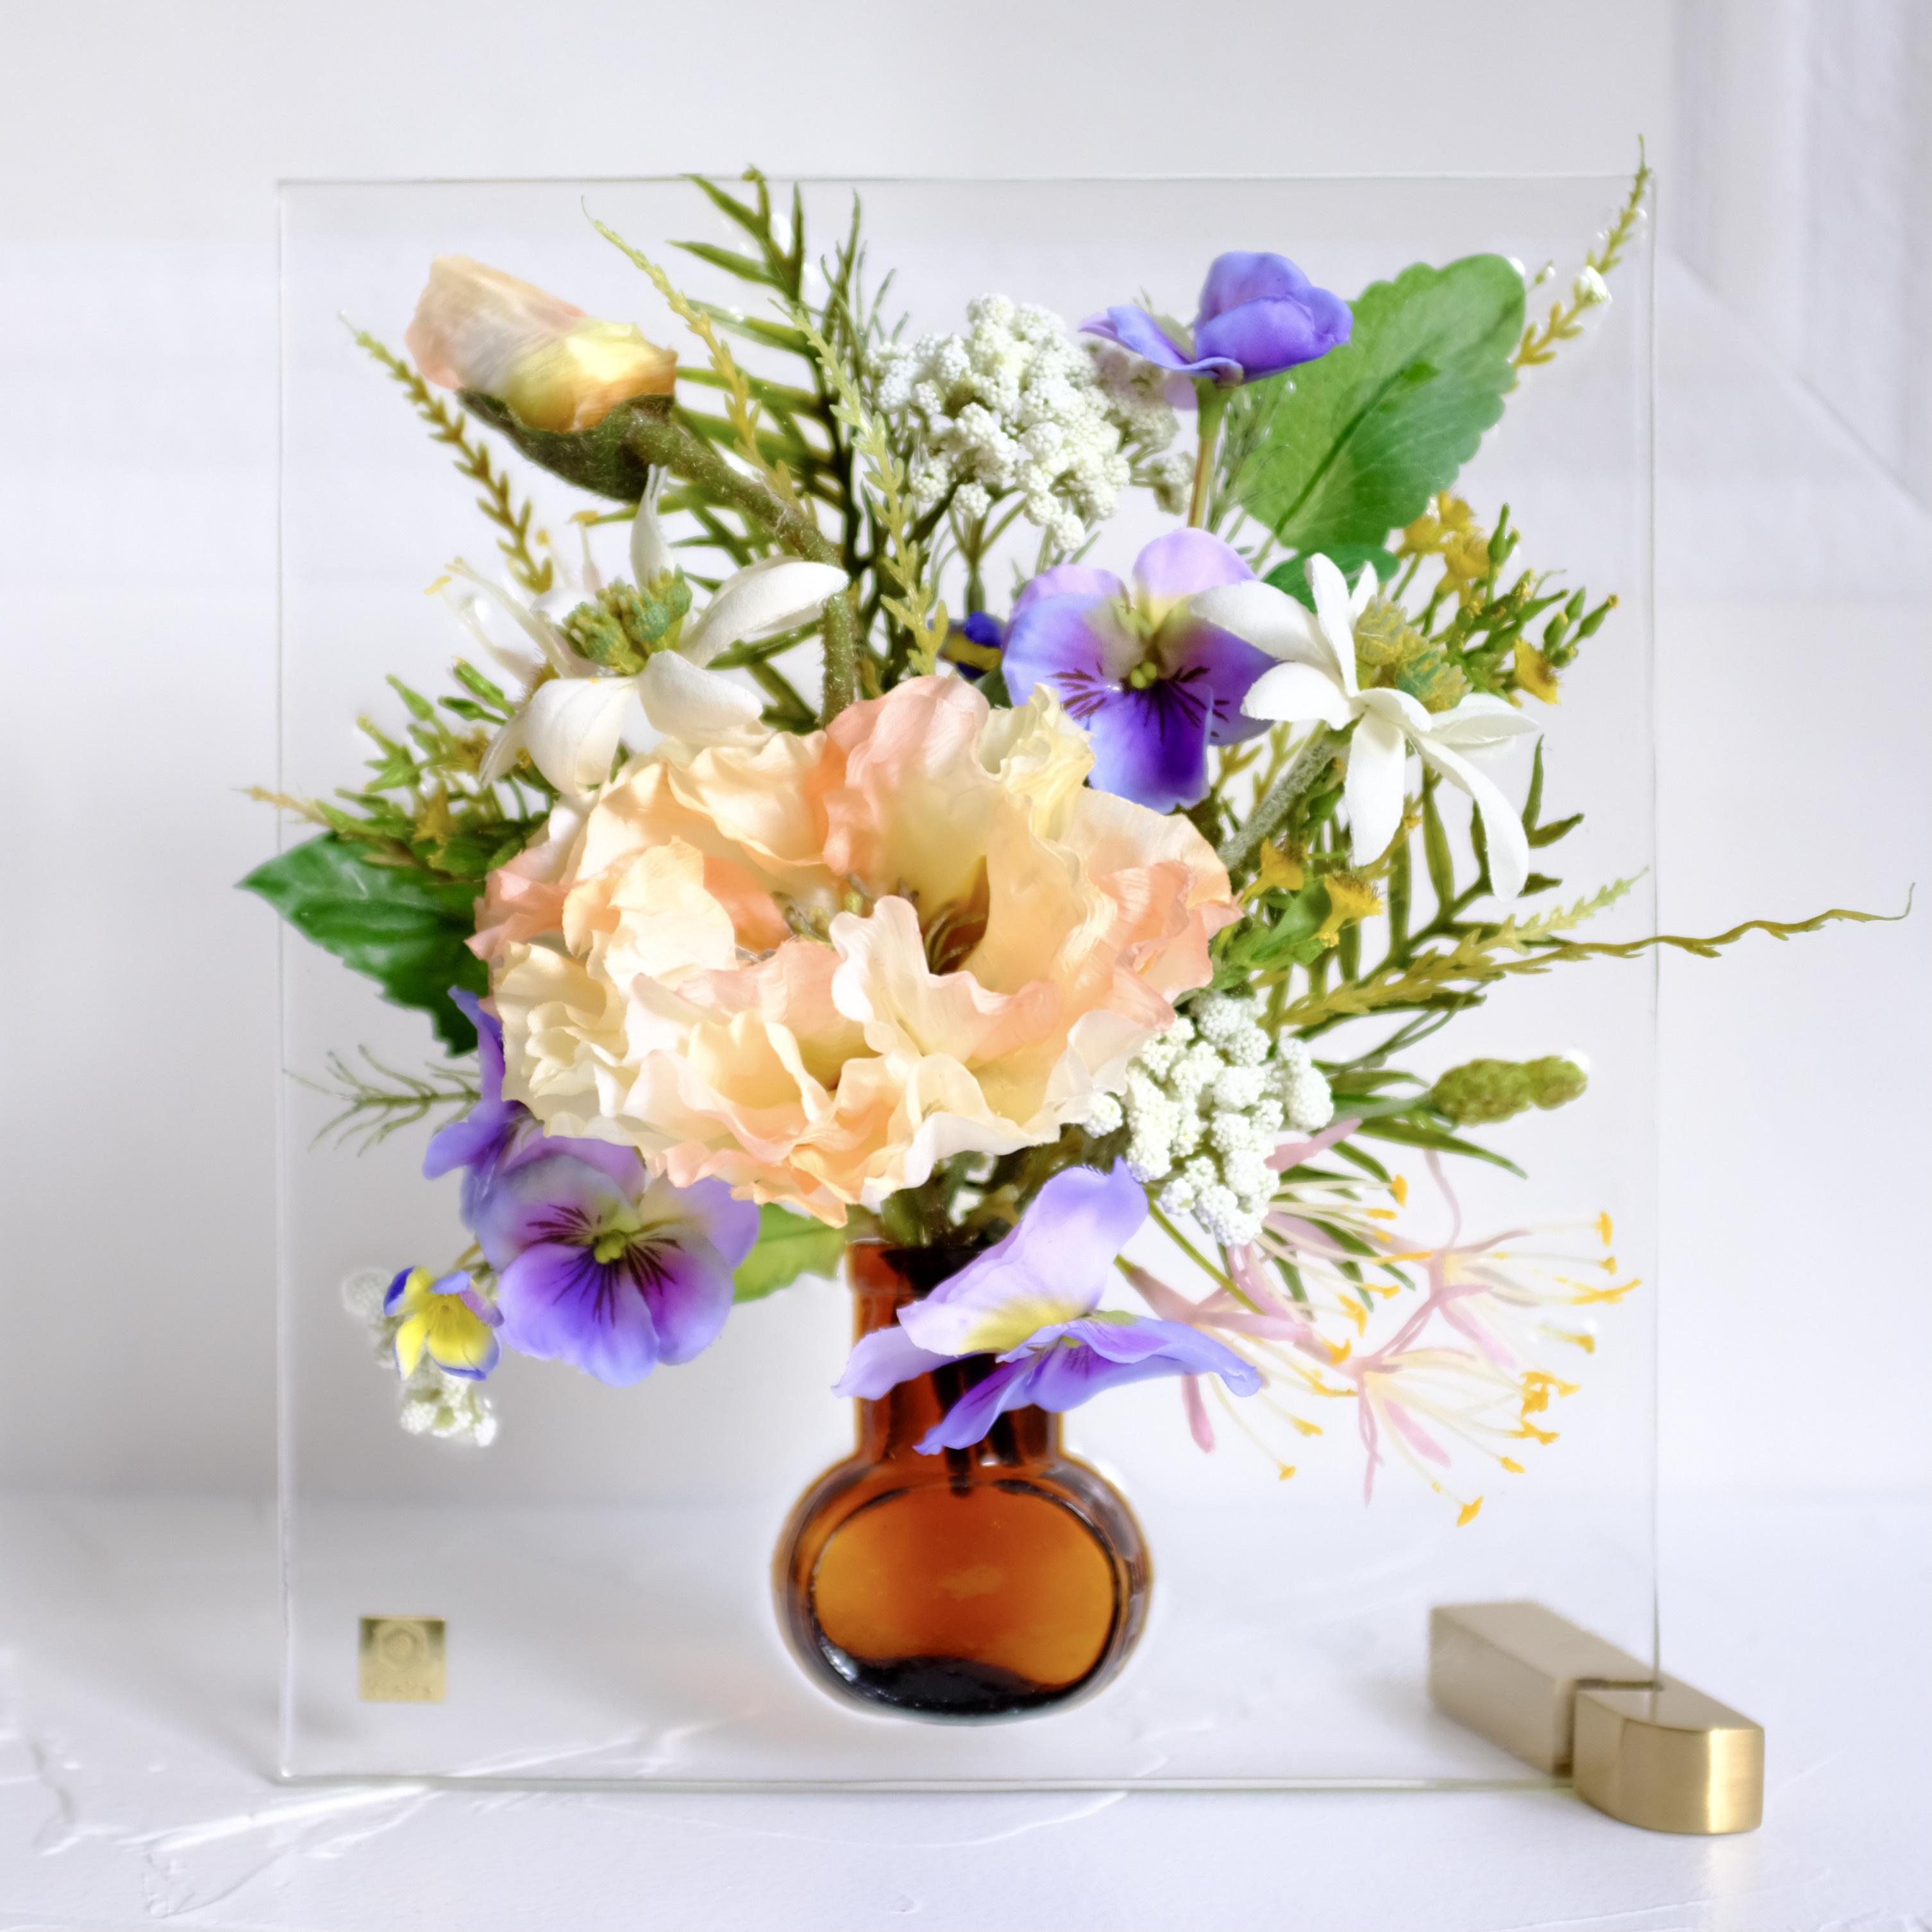 sumika M ポピーとフランネルフラワー ピーチ アンティーク花瓶シリーズ